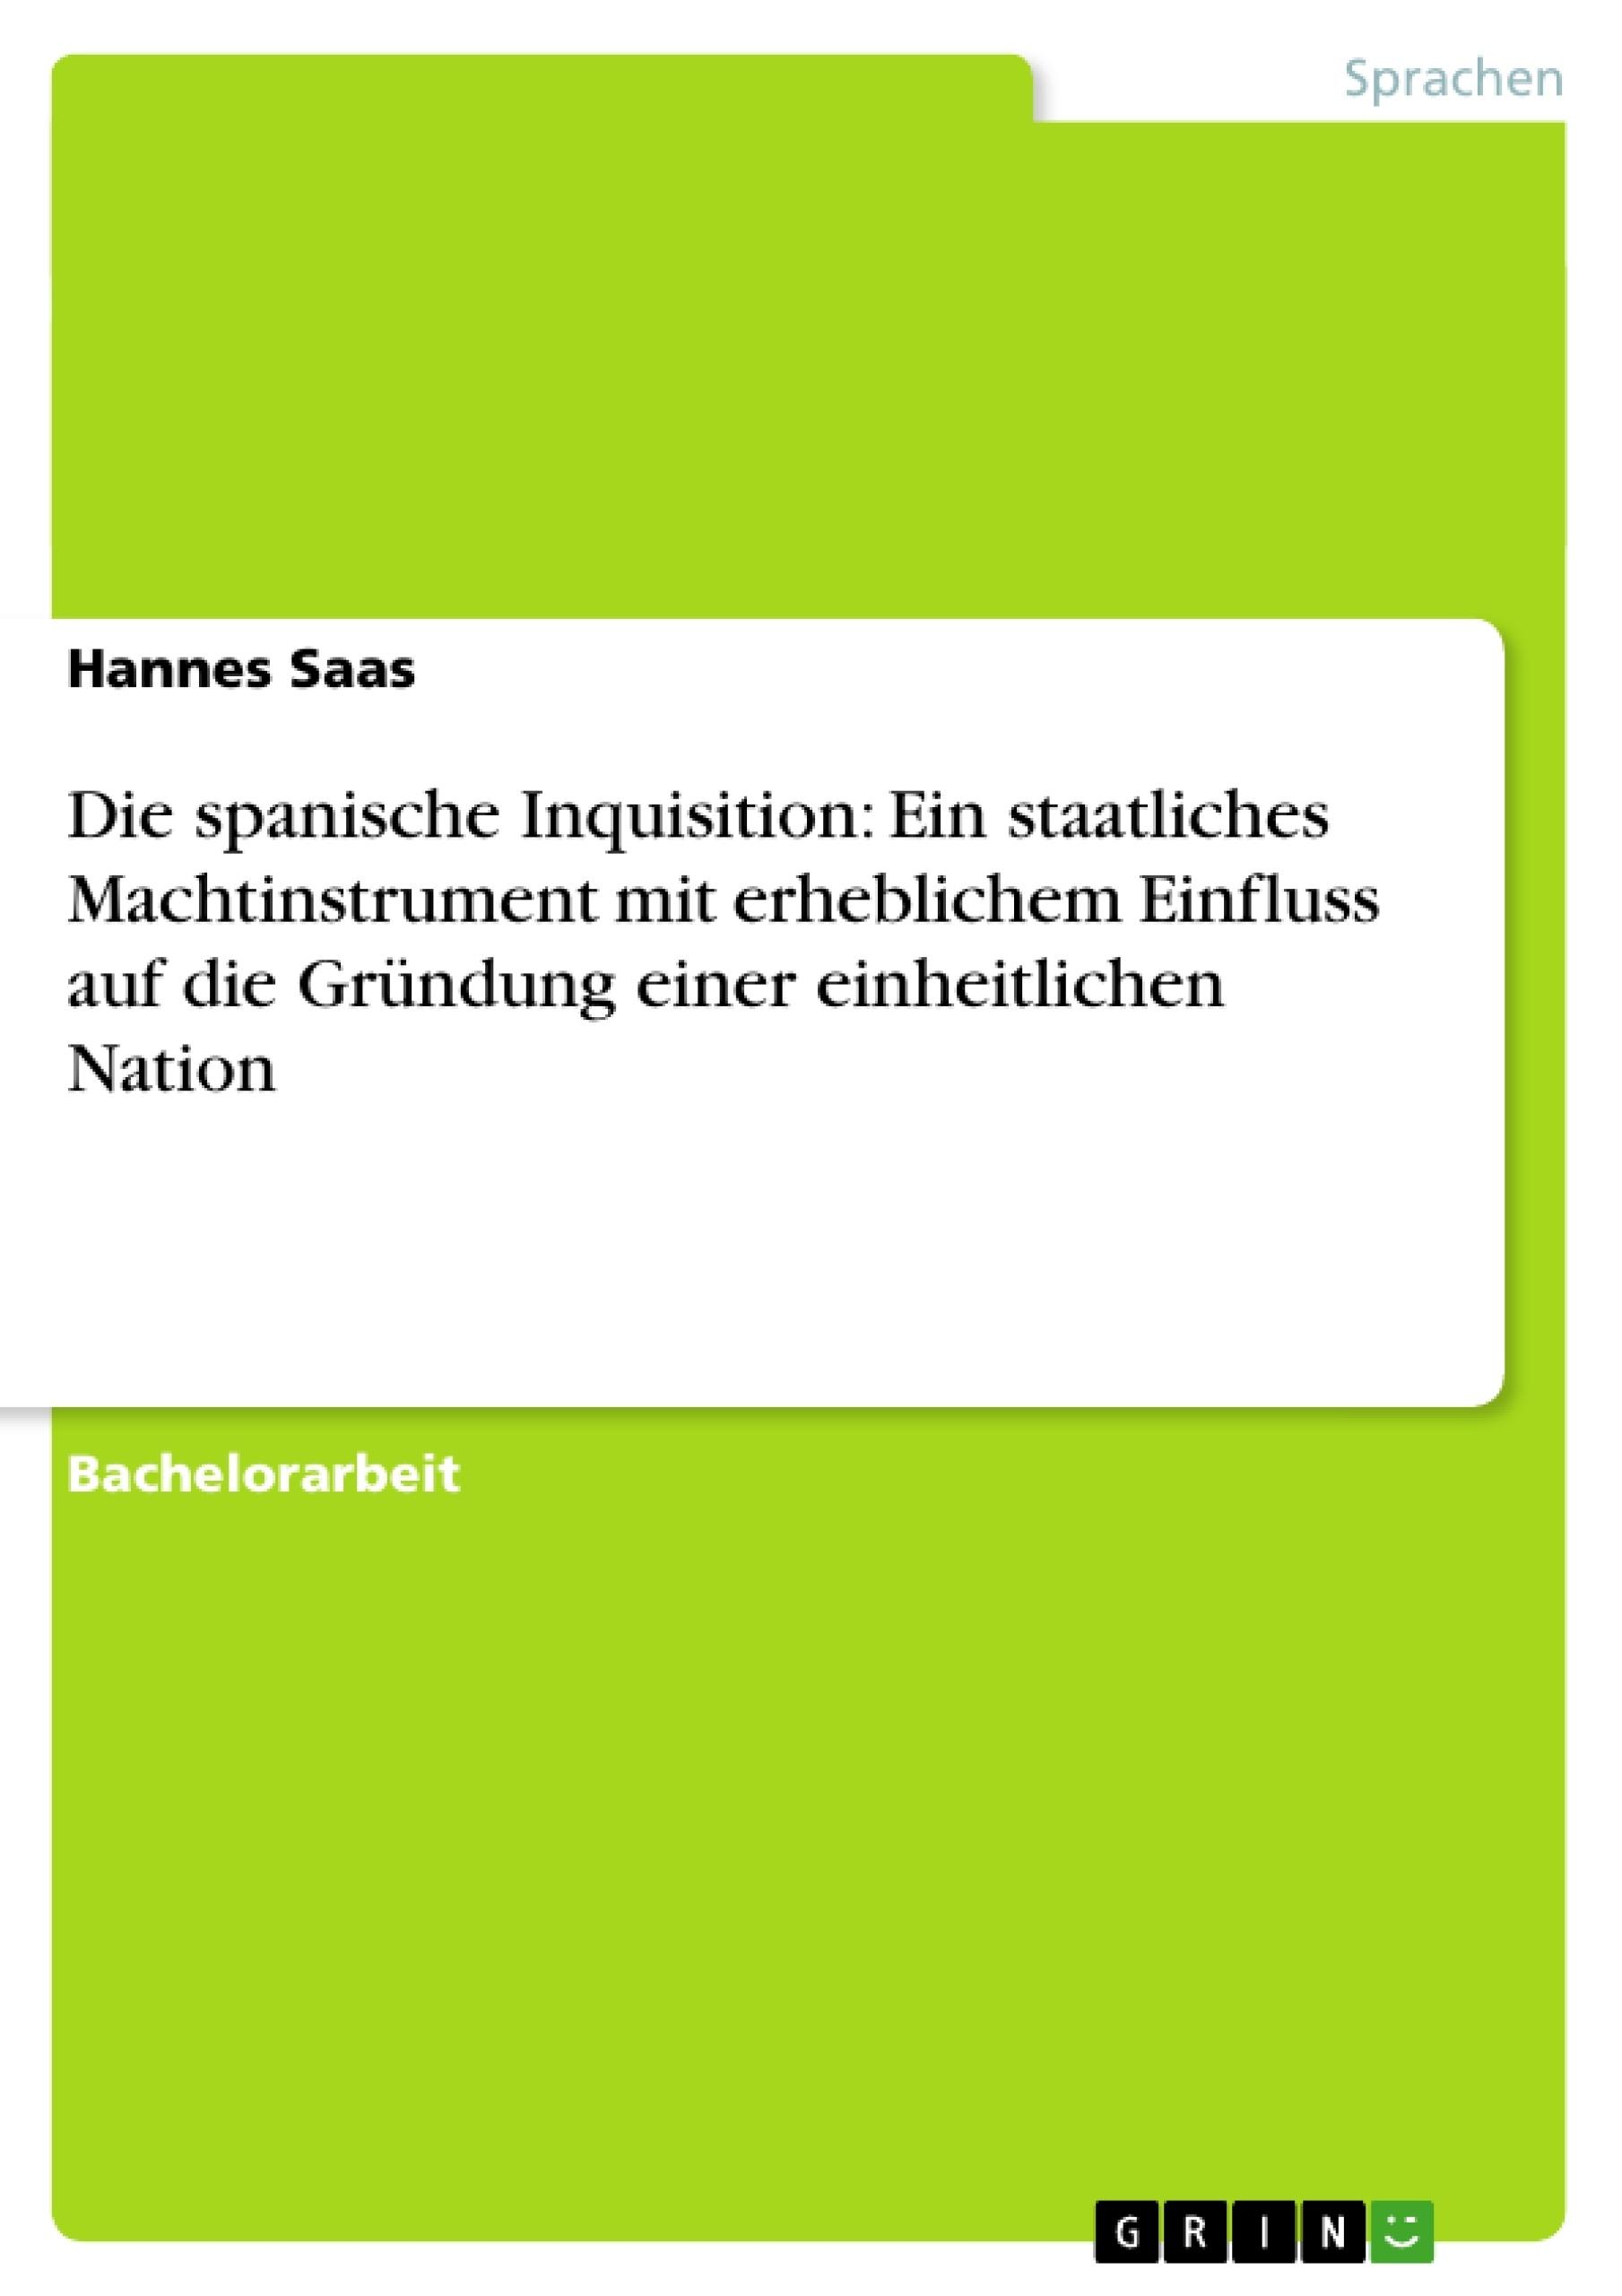 Titel: Die spanische Inquisition: Ein staatliches Machtinstrument mit erheblichem Einfluss auf die Gründung einer einheitlichen Nation